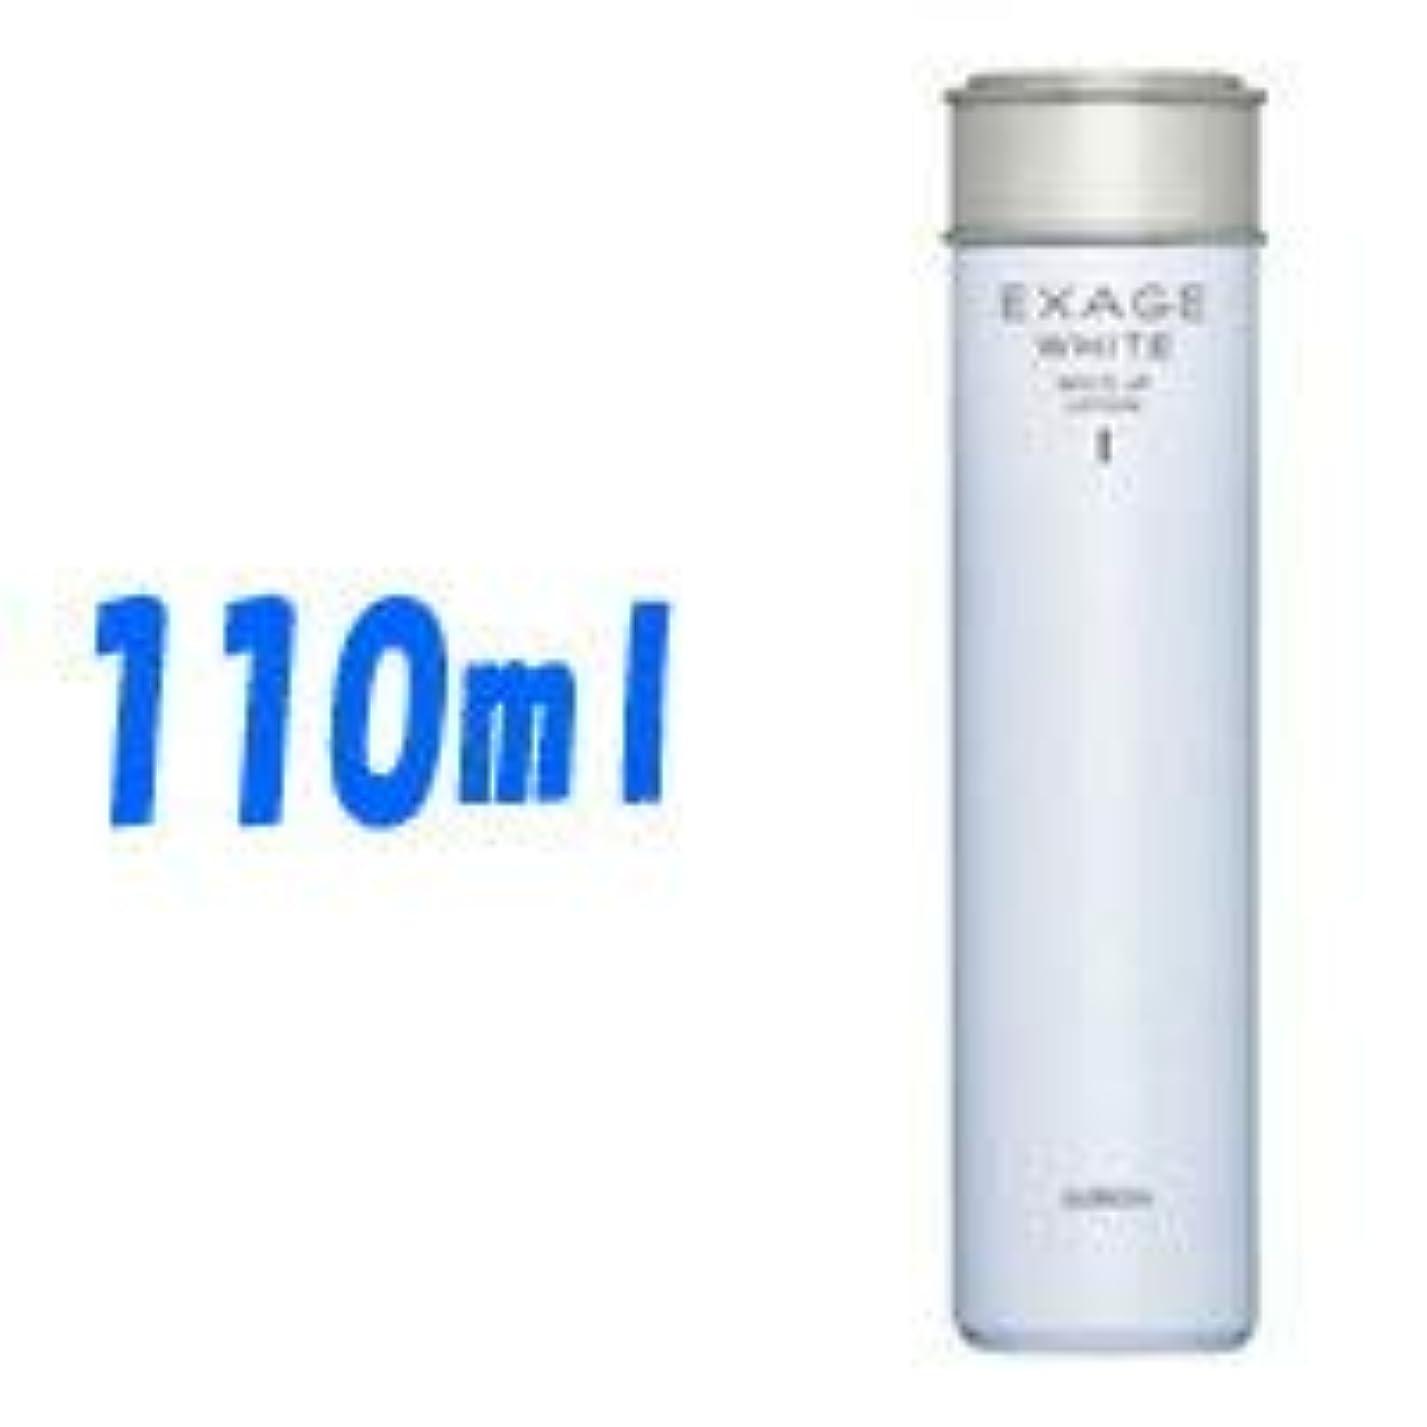 温室組み立てるこっそりアルビオン エクサージュ ホワイトホワイトアップローション(1) 110ml